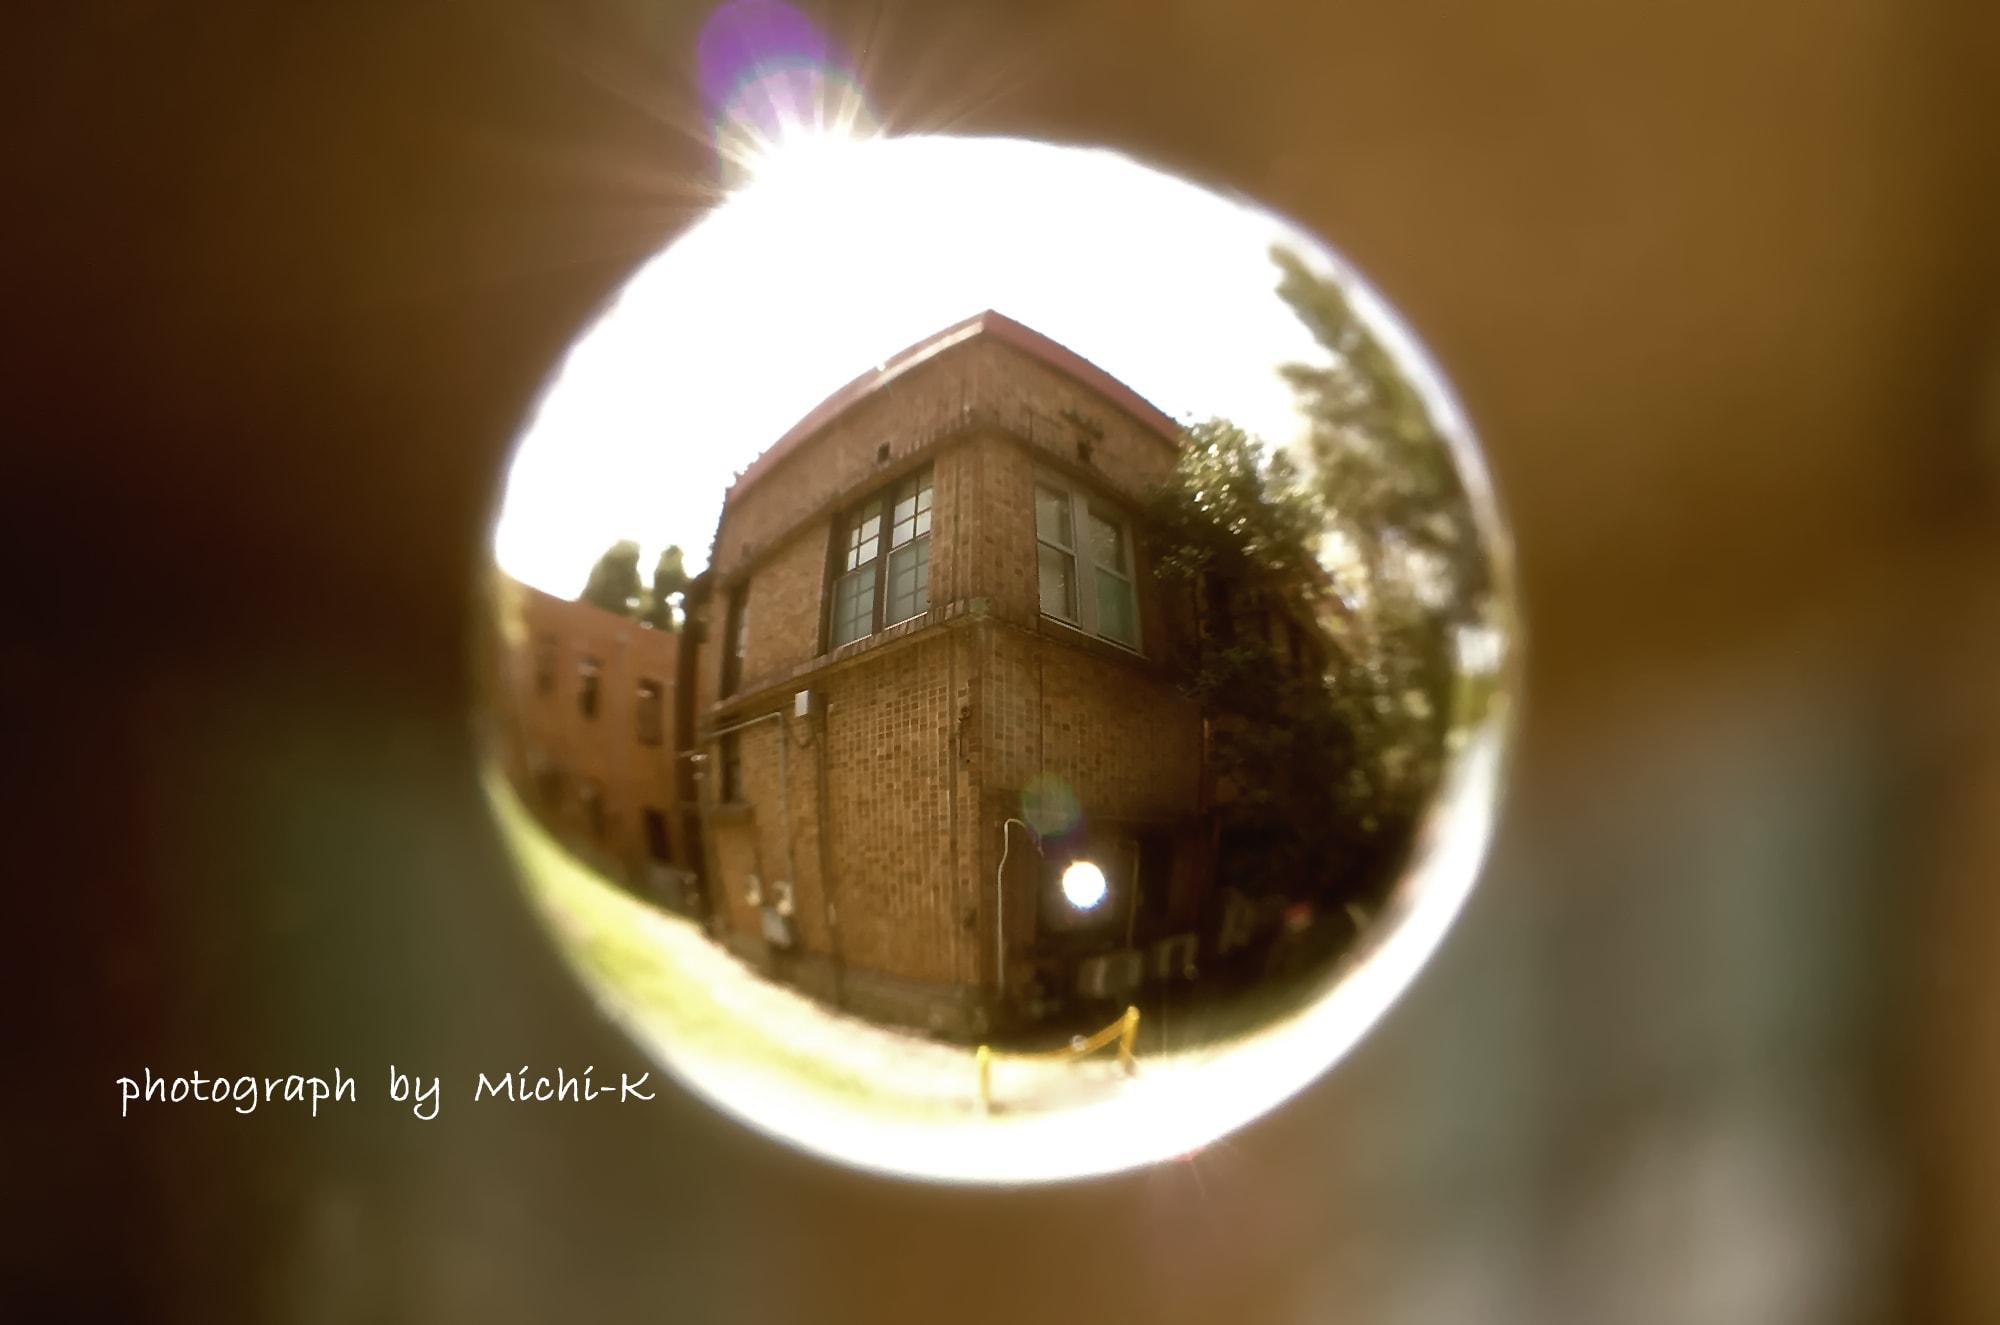 国立天文台三鷹キャンパスにある旧図書館